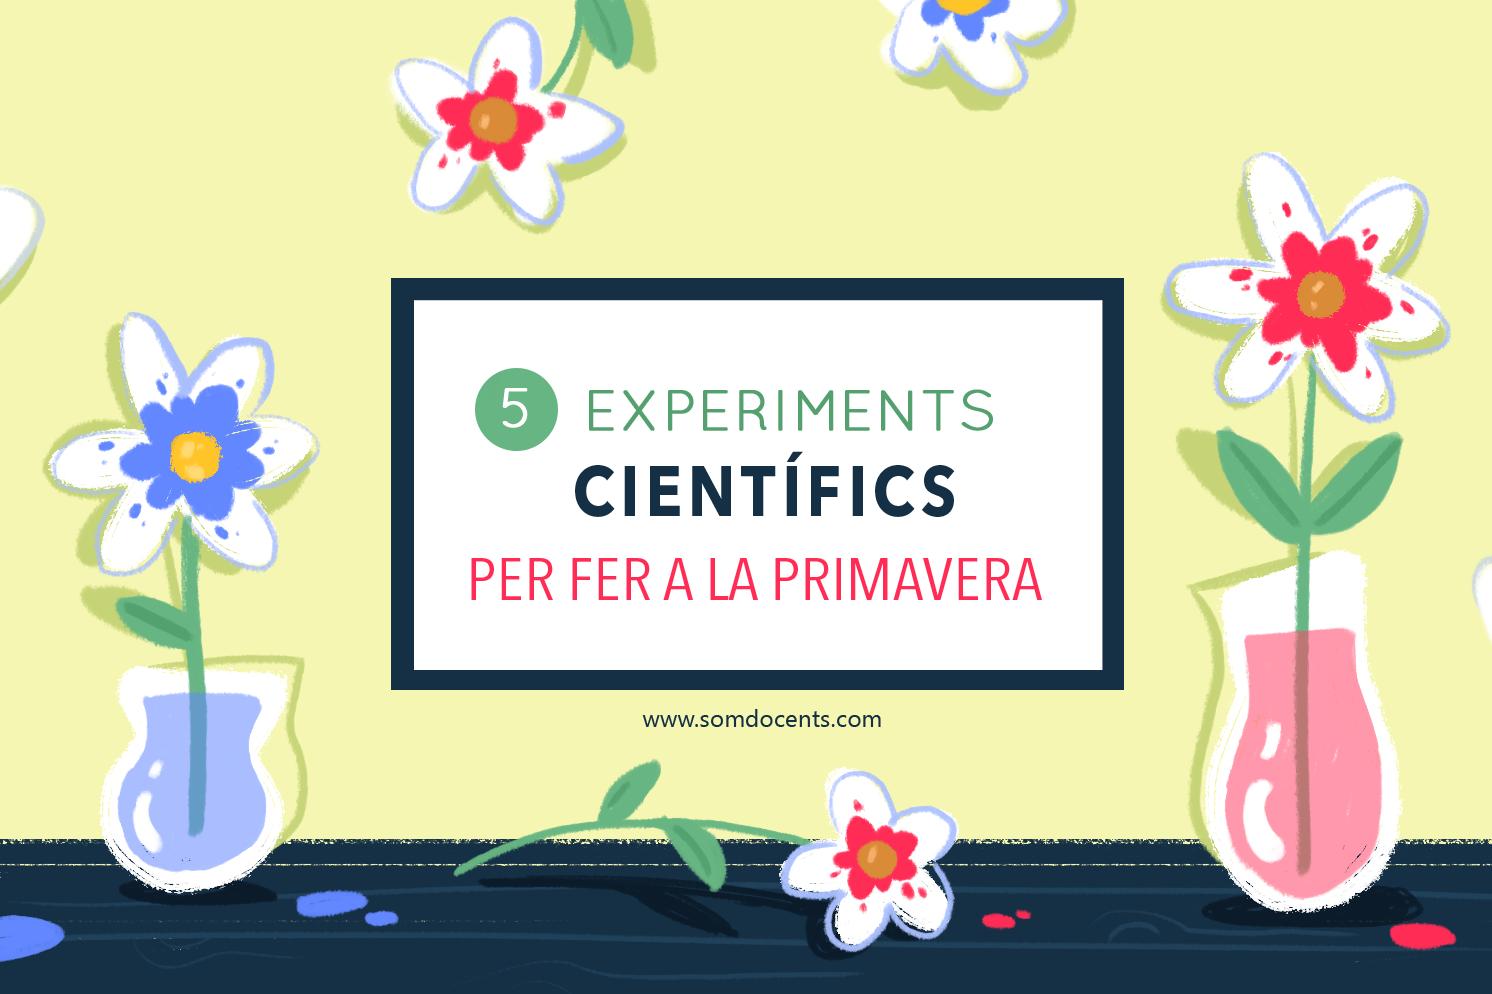 Experiments ciències SD